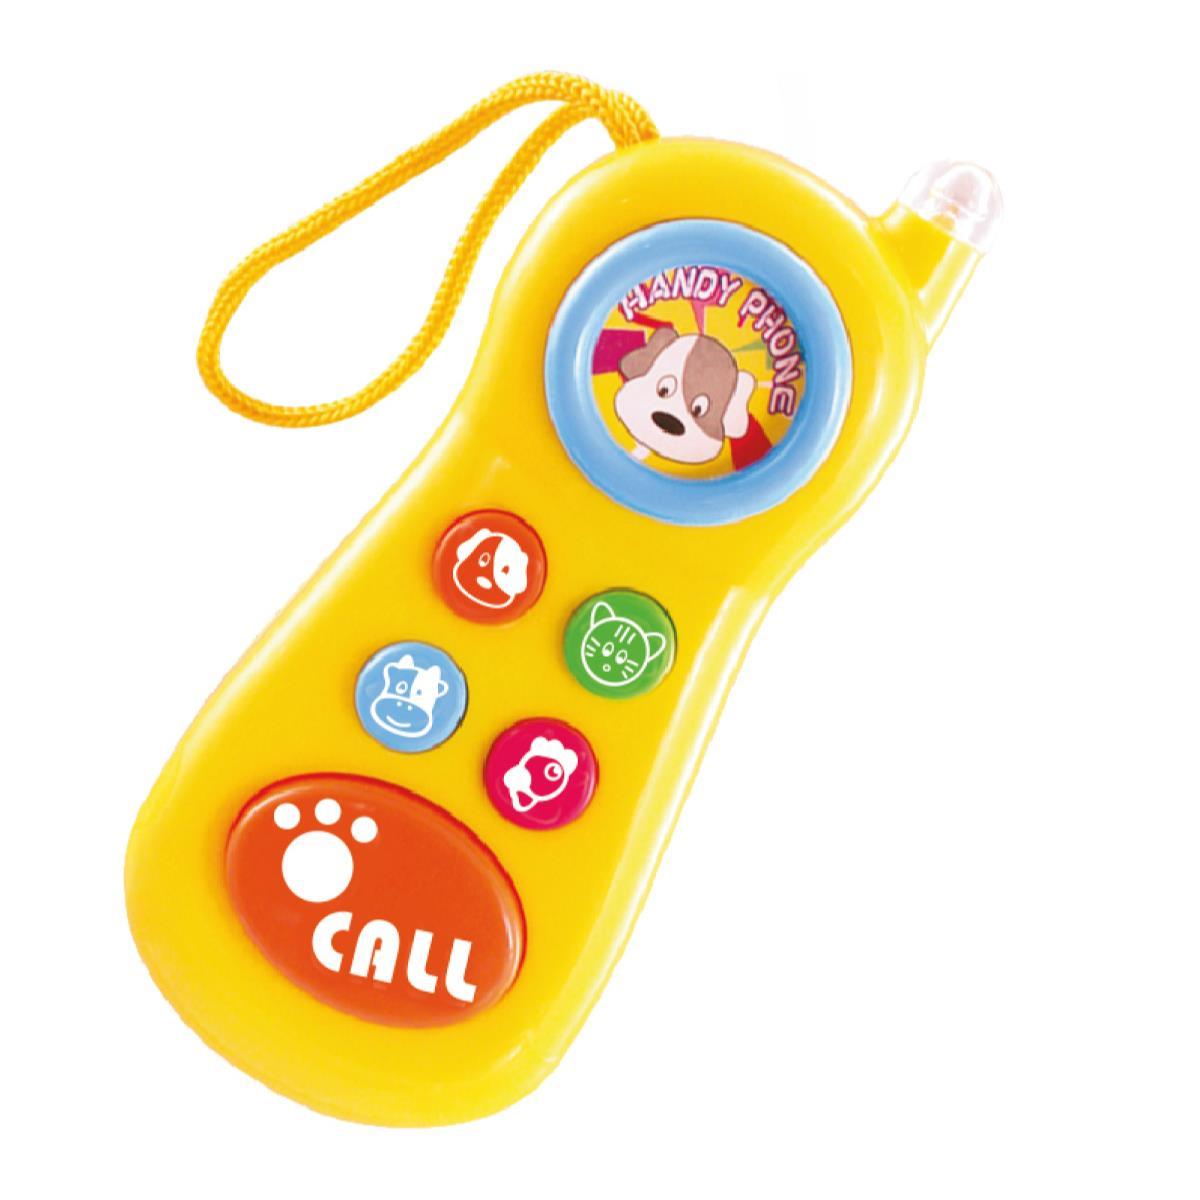 coleção baby celular coloria r 26 90 em mercado livre